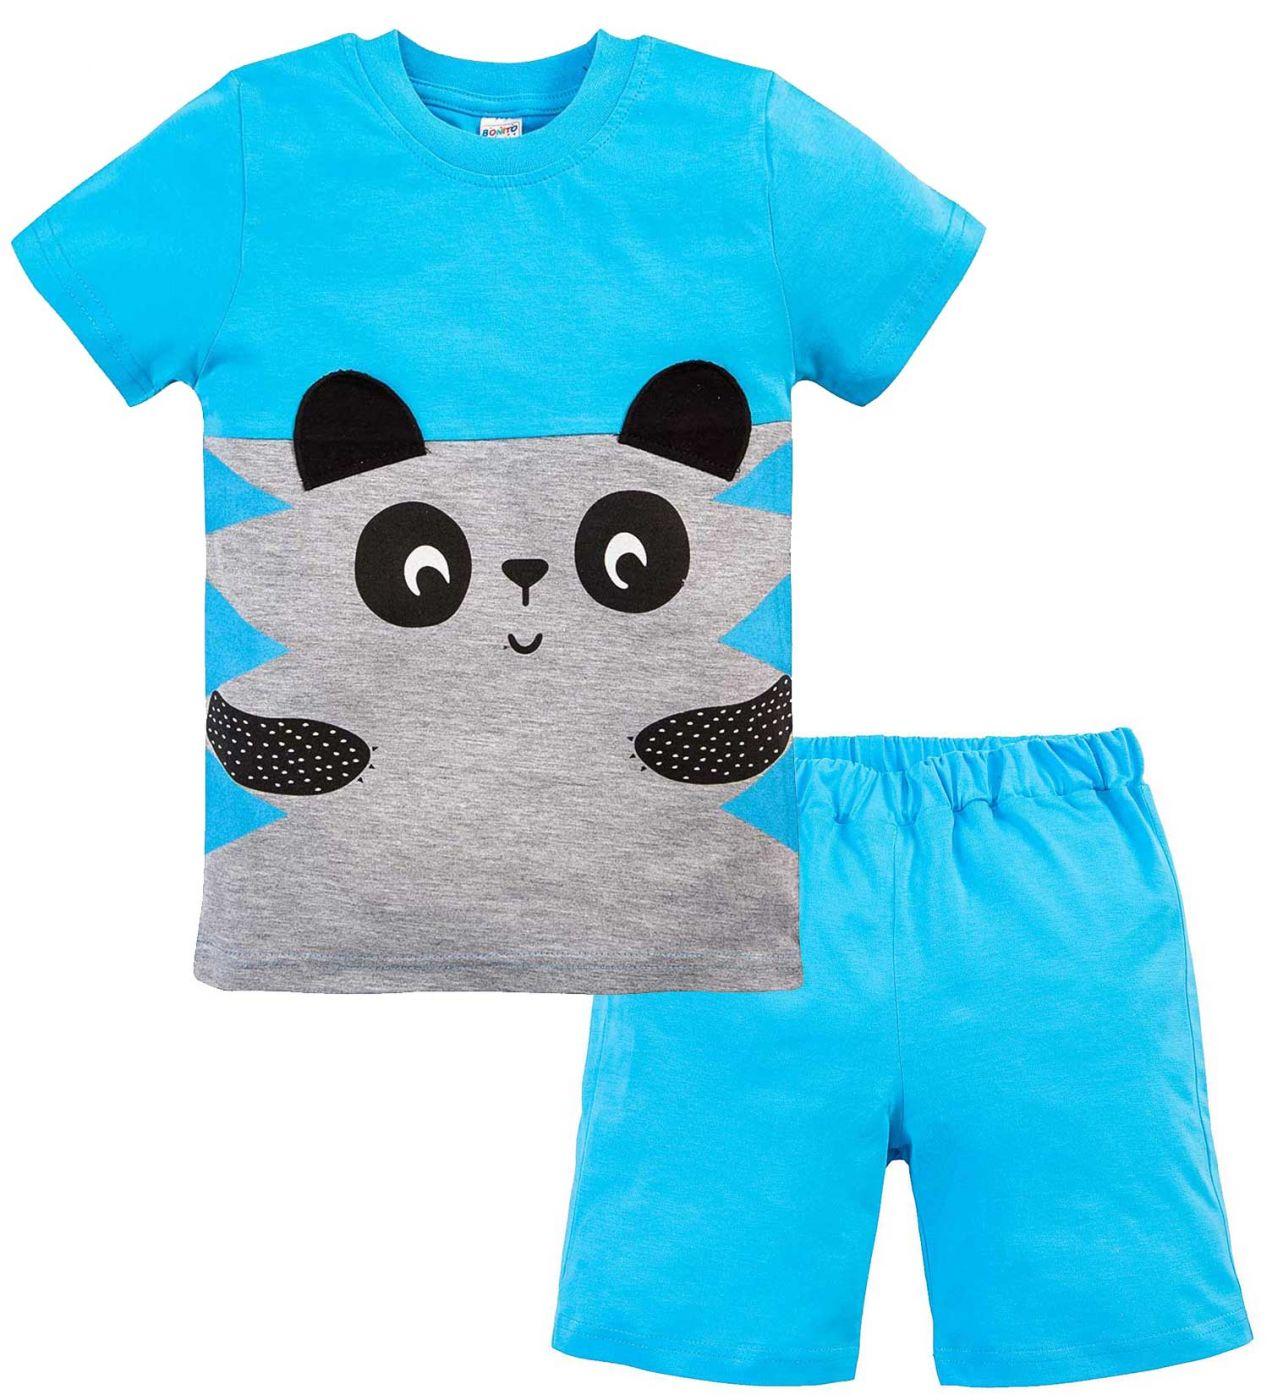 Костюм для мальчика Bonito голубой с мордочкой панды